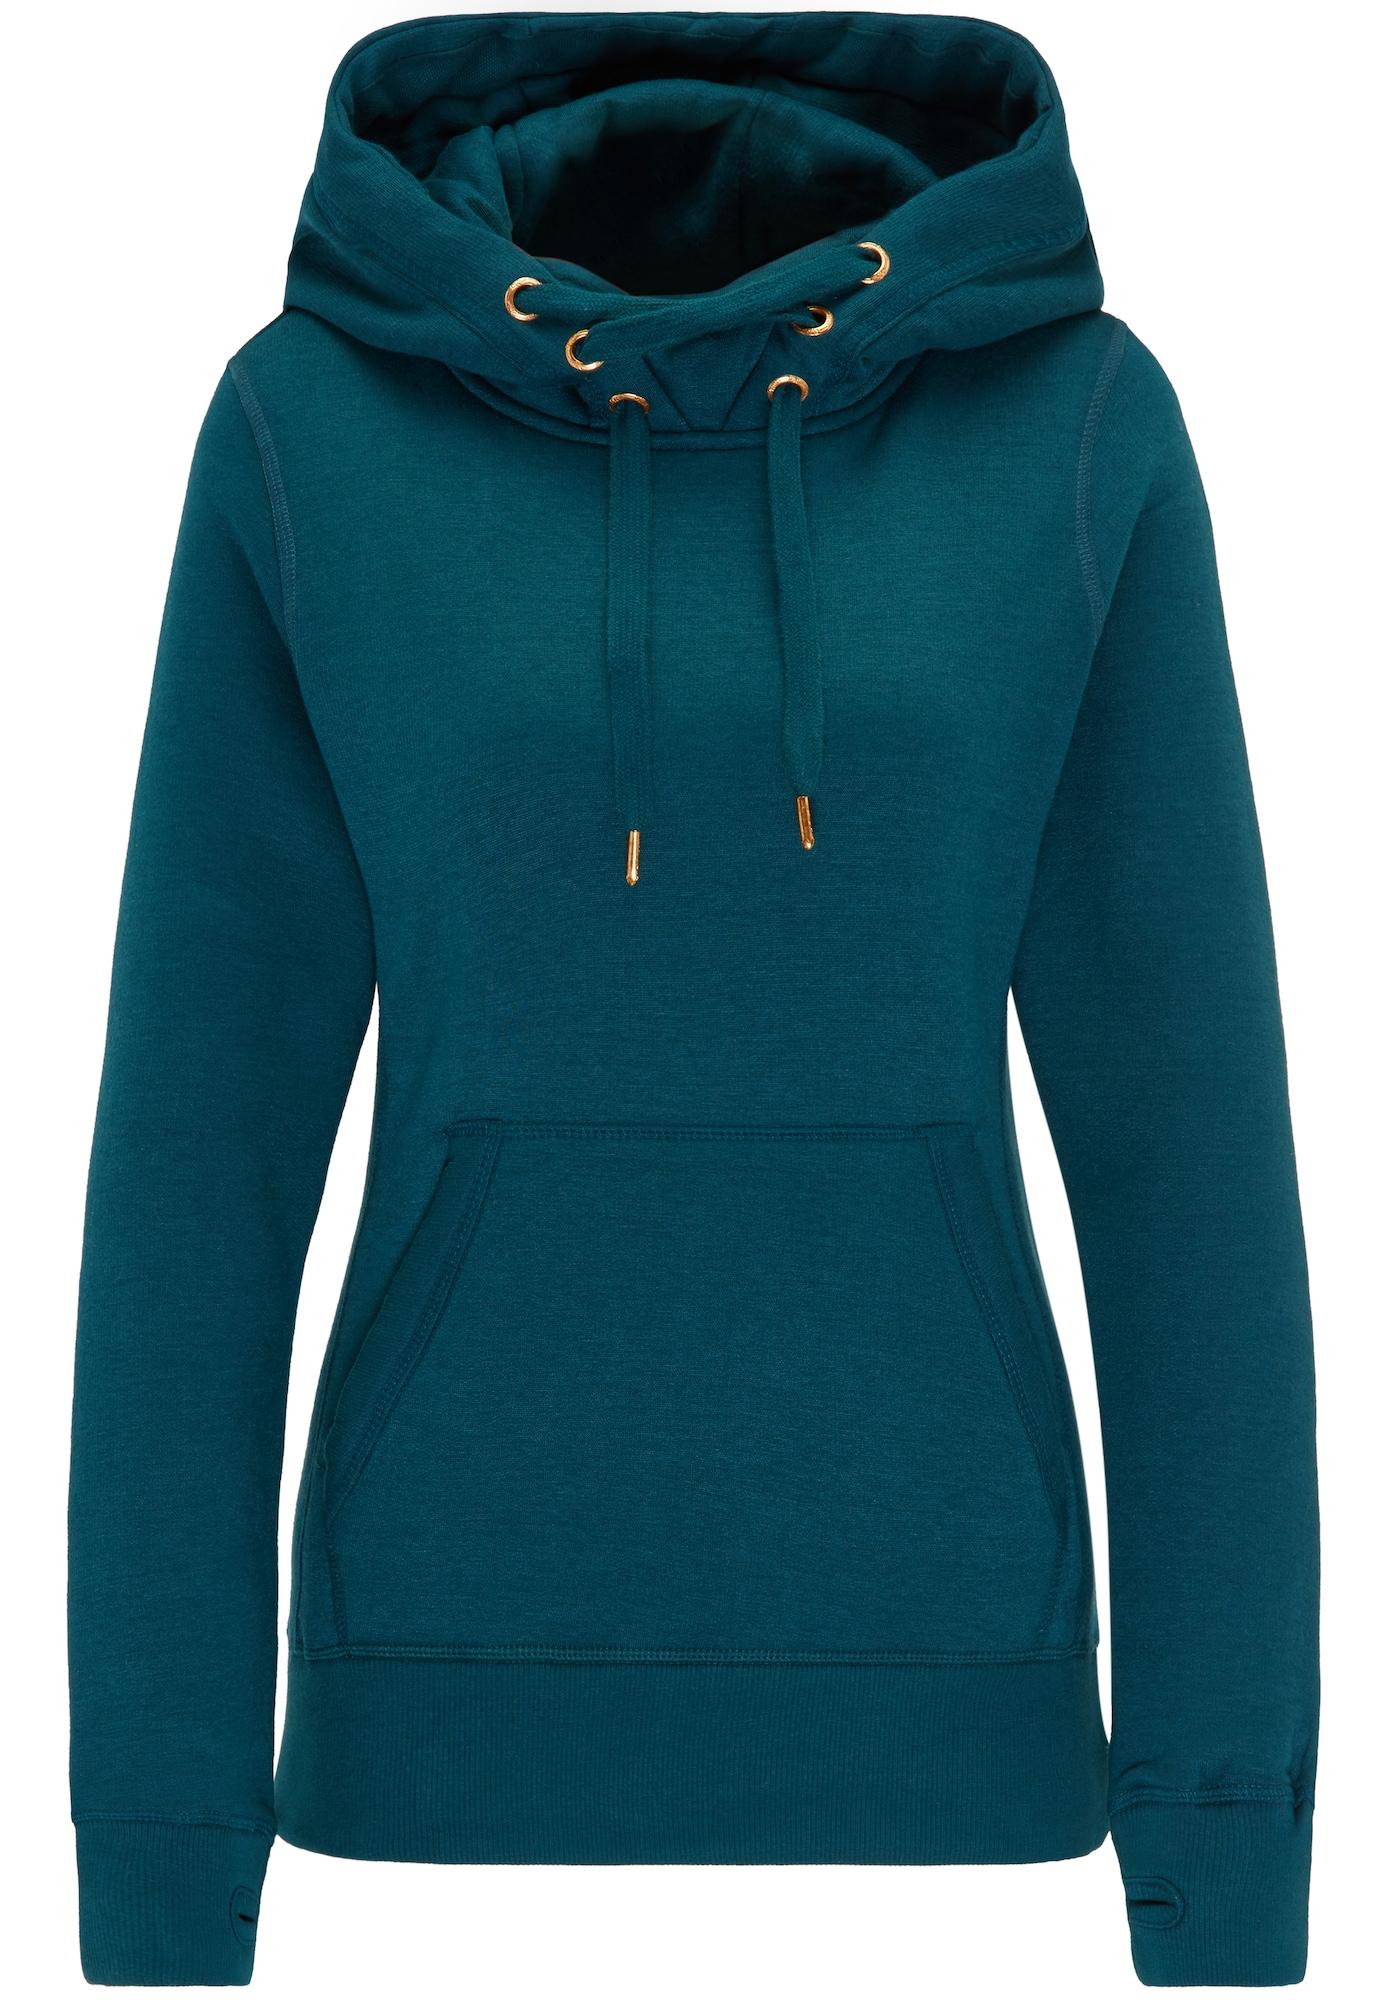 Hoodie | Bekleidung > Sweatshirts & -jacken > Hoodies | MYMO